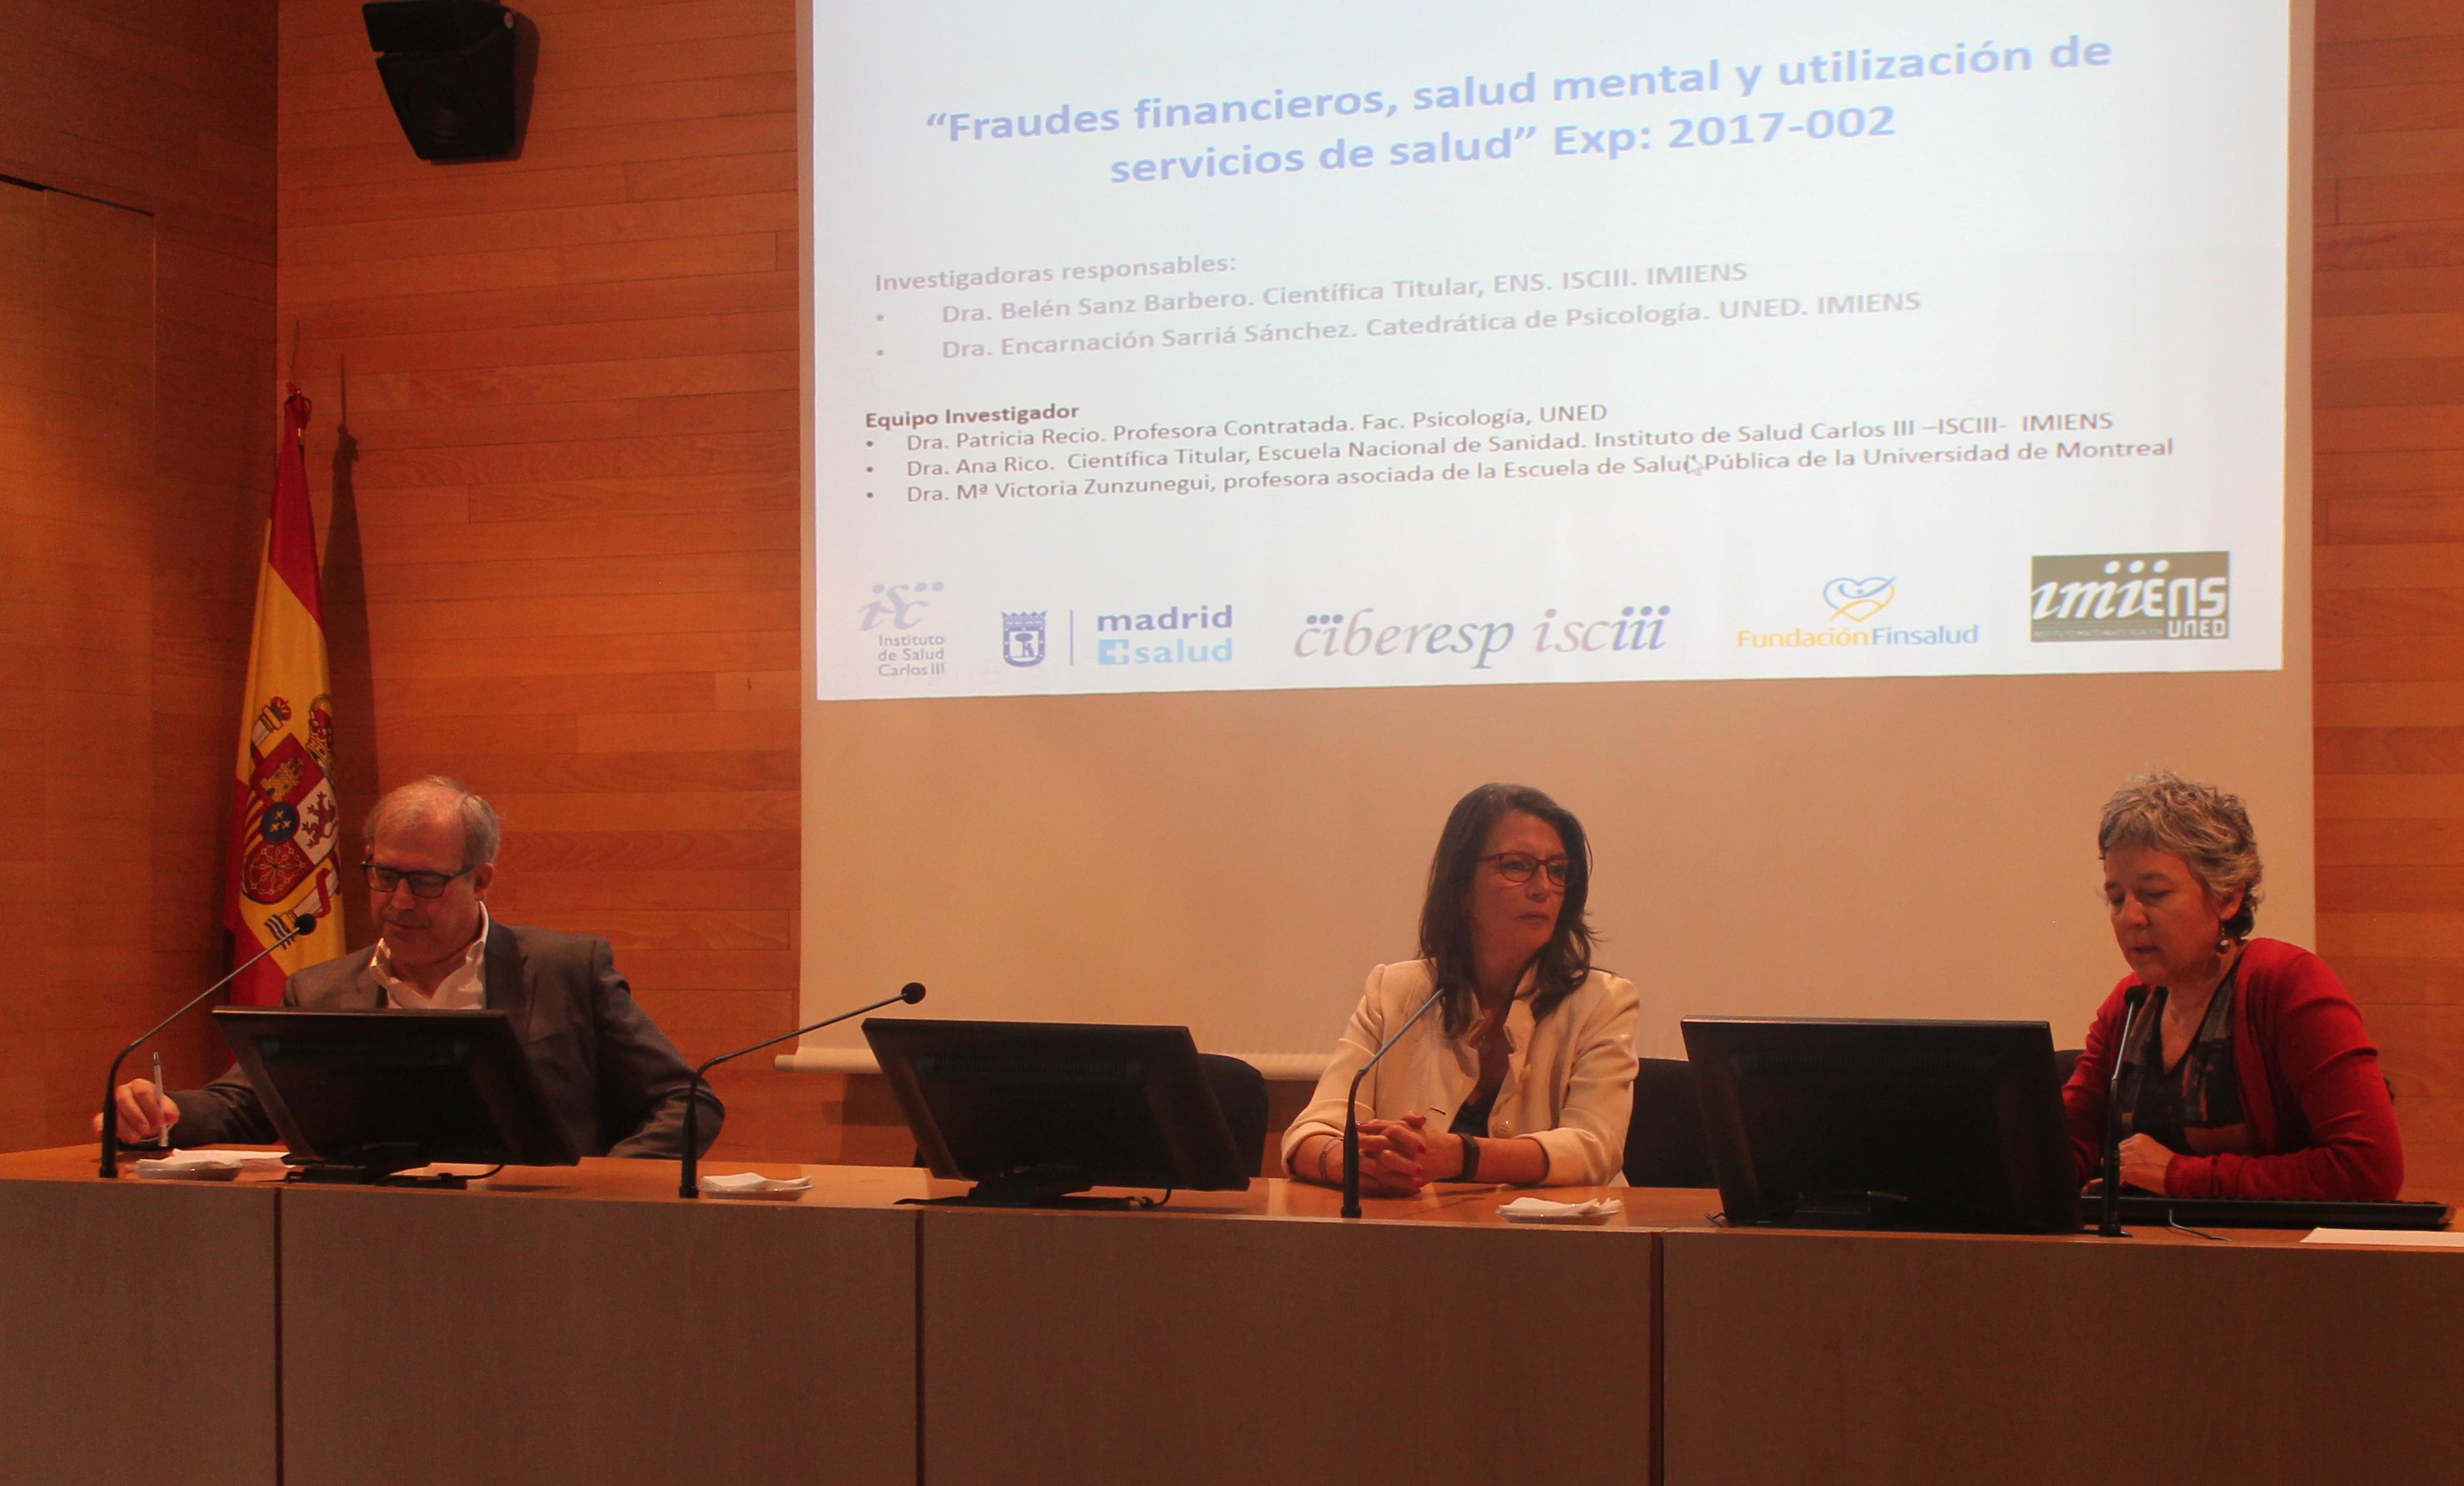 Antonio Sarría Encarnación Sarriá y Belén Sanz El Instituto Mixto de Investigación ENS   UNED estudia el fraude financiero en la salud de la población de Madrid